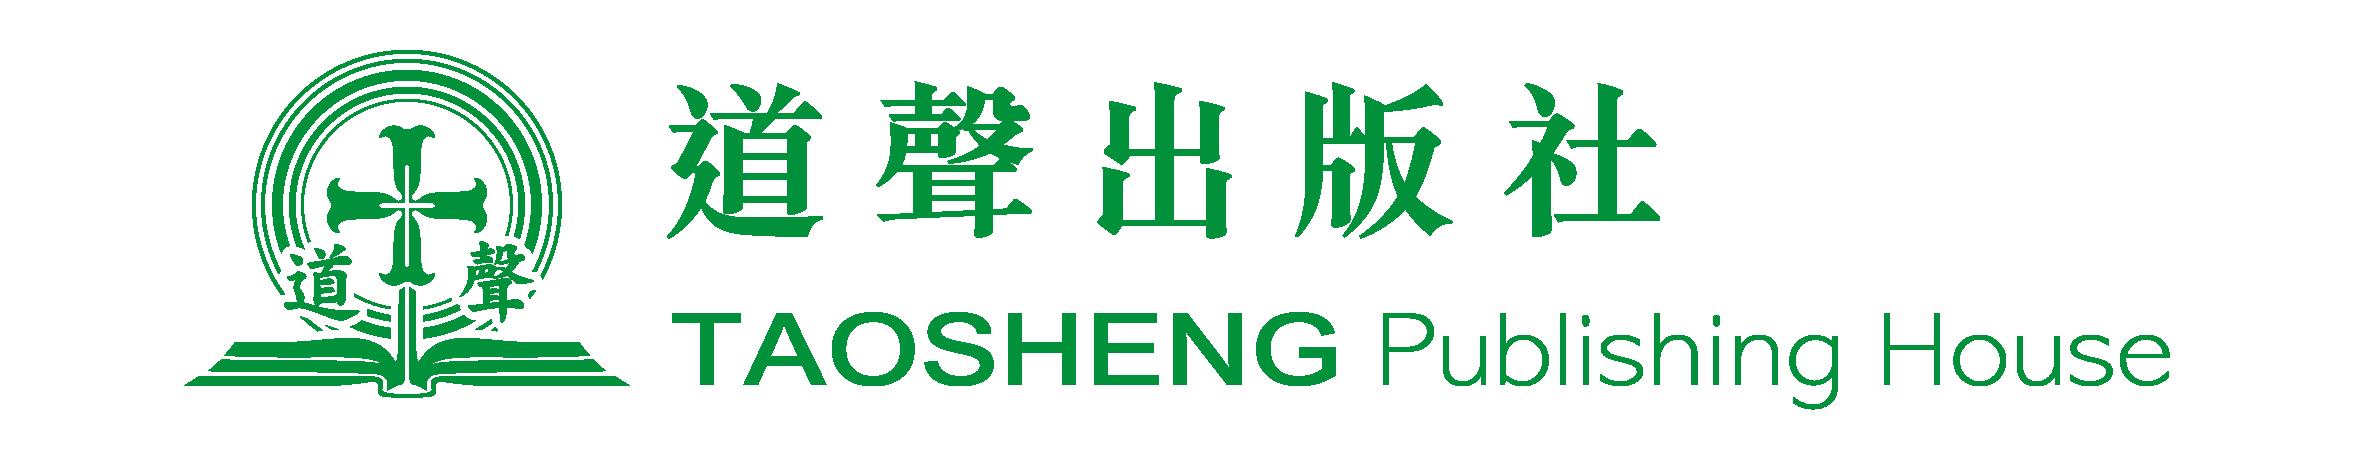 Taosheng logo(2013revised)-01